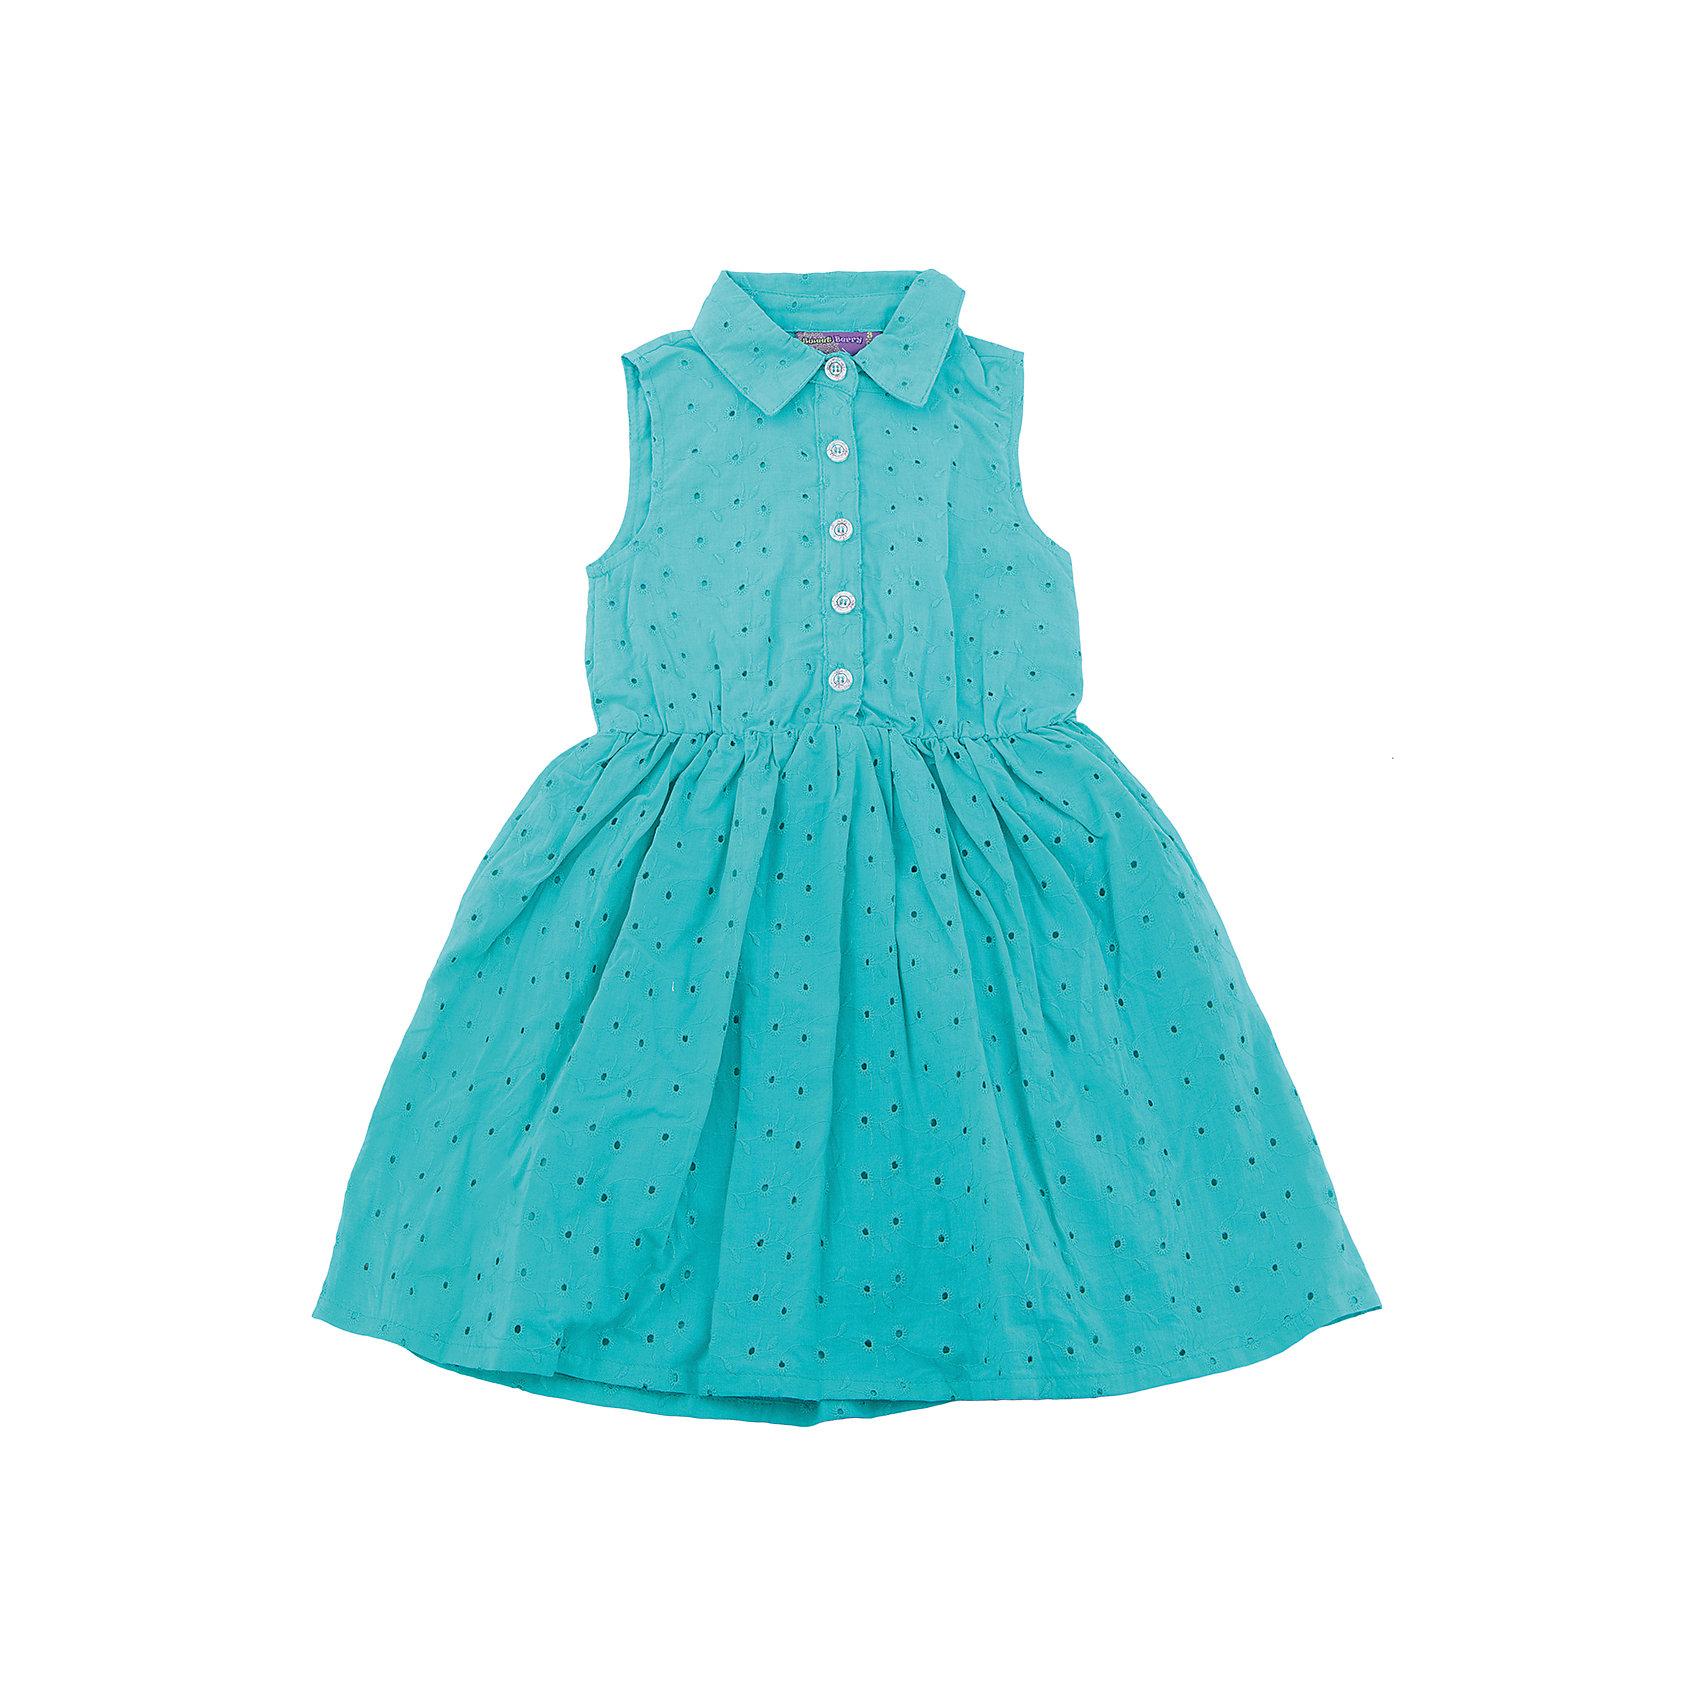 Платье для девочки Sweet BerryТекстильное платье из хлопка для девочки без рукавов из вышитого полотна. Приталенный крой. Застегивается на пуговки. Отложенный воротничок.<br>Состав:<br>Верх: 100% хлопок, Подкладка: 100%хлопок<br><br>Ширина мм: 236<br>Глубина мм: 16<br>Высота мм: 184<br>Вес г: 177<br>Цвет: зеленый<br>Возраст от месяцев: 36<br>Возраст до месяцев: 48<br>Пол: Женский<br>Возраст: Детский<br>Размер: 104,98,110,116,122,128<br>SKU: 5412478